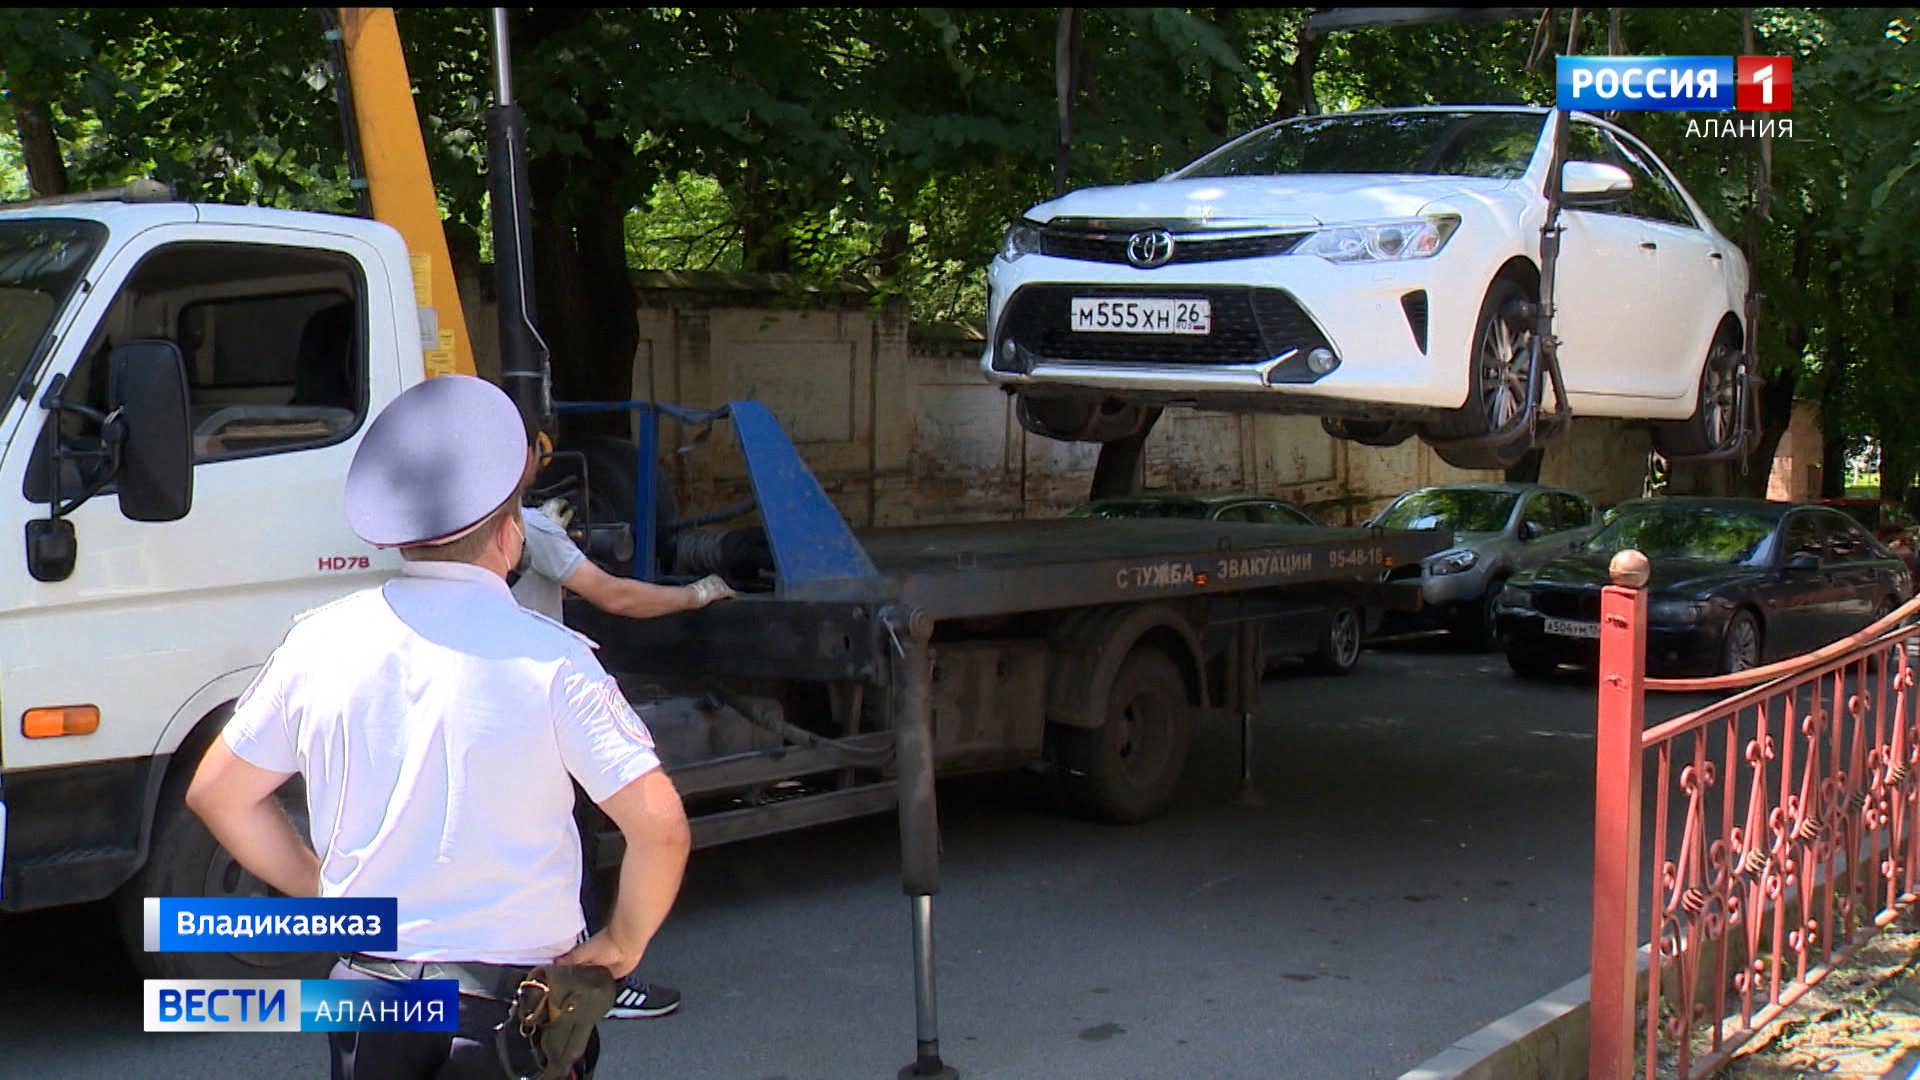 Во Владикавказе сотрудники ГИБДД и администрации города провели рейд по незаконно припаркованным автомобилям